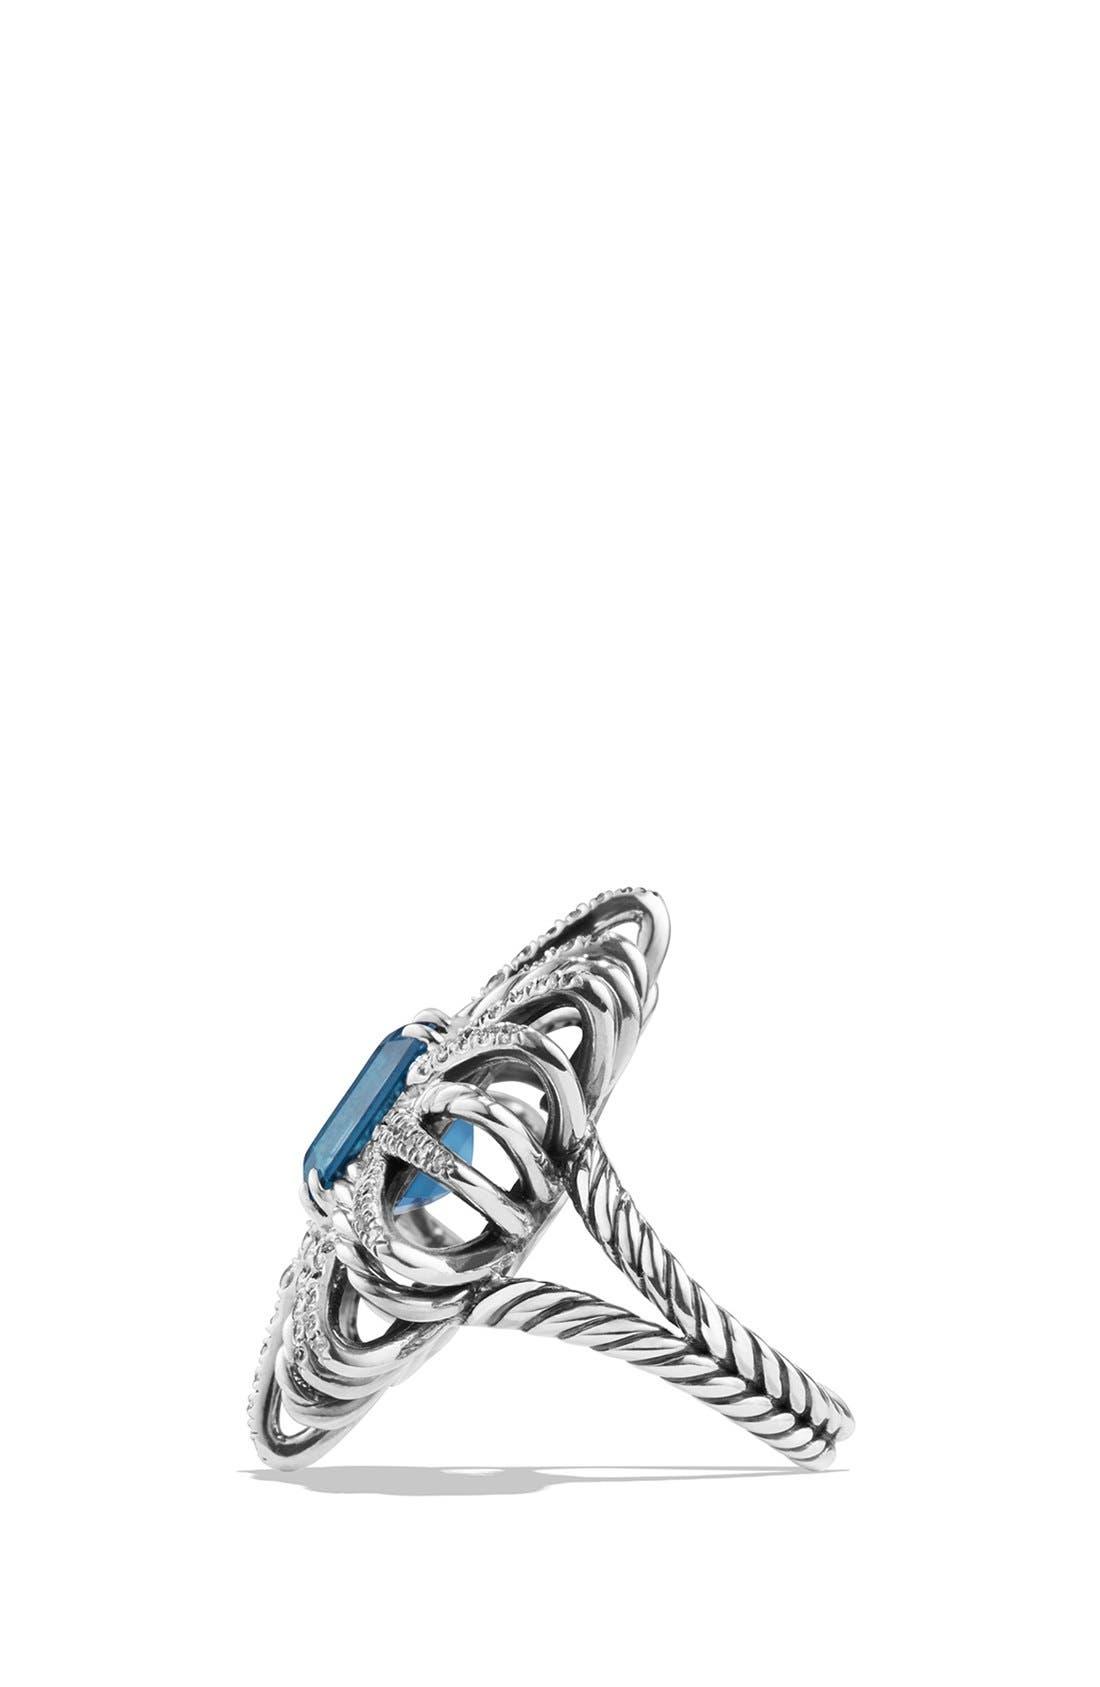 Alternate Image 3  - David Yurman 'Starburst' Ring with Semiprecious Stone and Diamonds